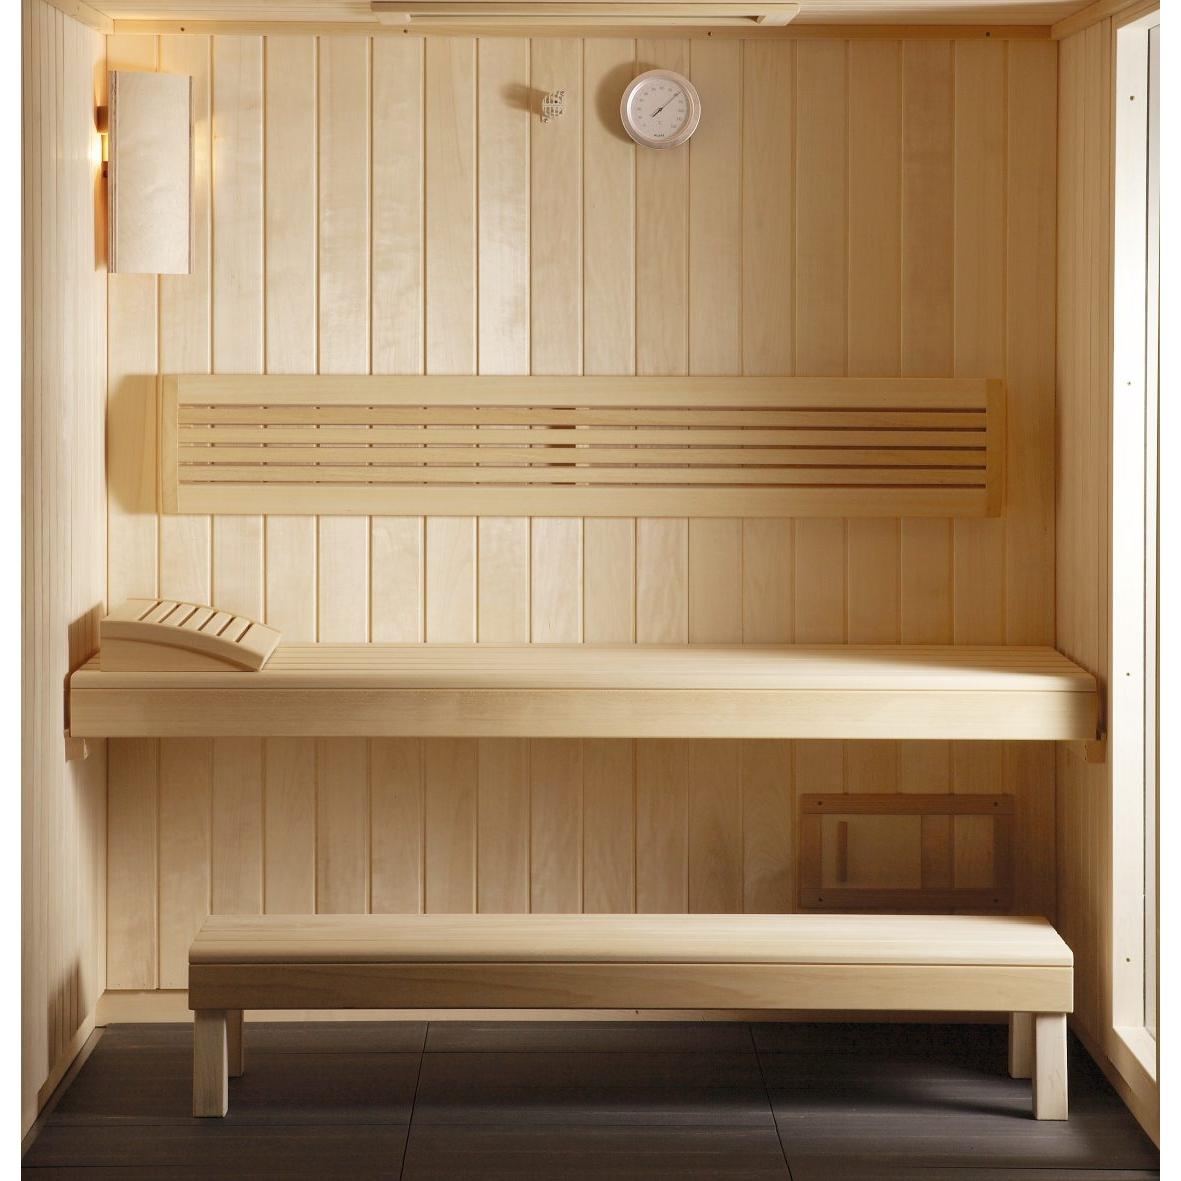 klafs surenkama smartsauna 140 200 cm klafs smartsauna surenkamos klafs saunos pirtys. Black Bedroom Furniture Sets. Home Design Ideas